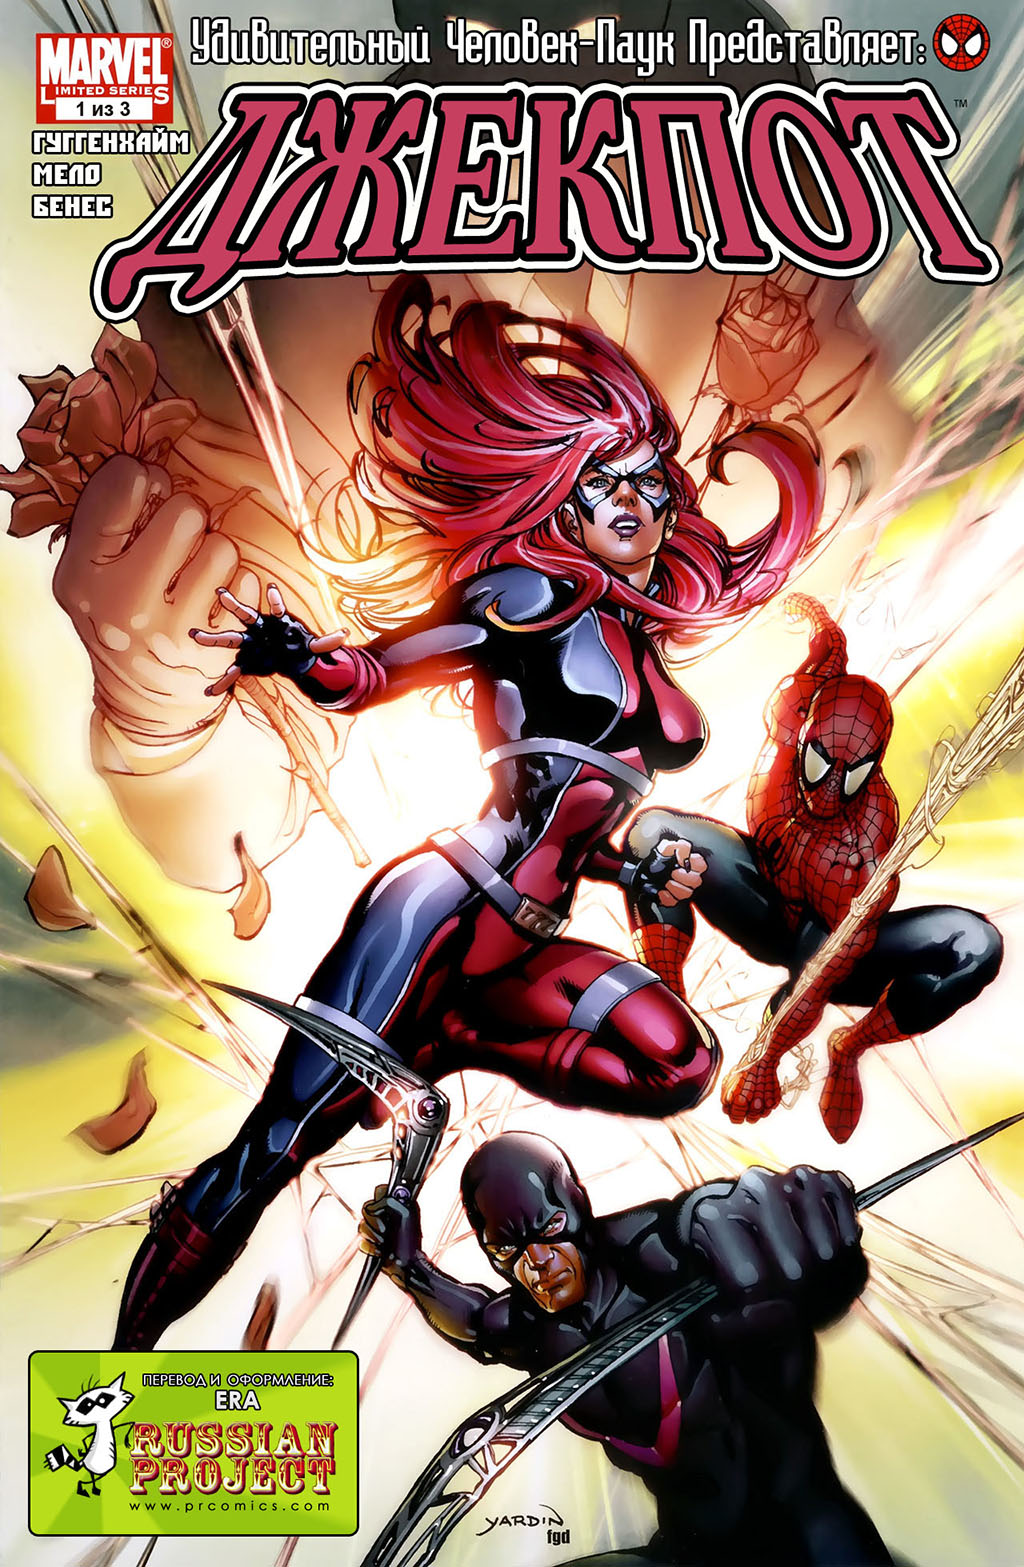 Комикс Удивительный Человек-Паук: Представляет Джекпот